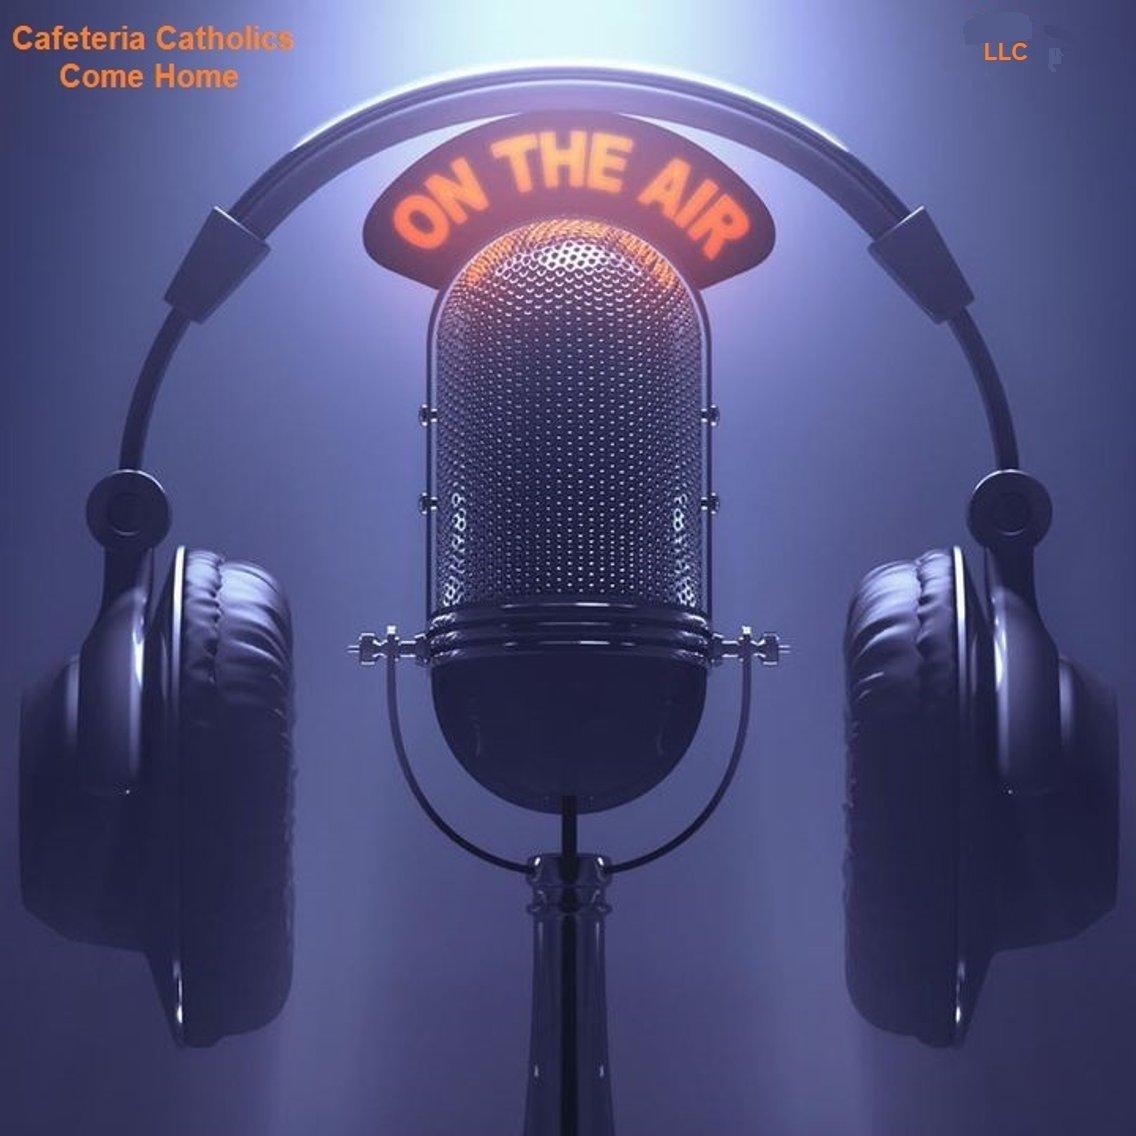 Cafeteria Catholics - Cover Image